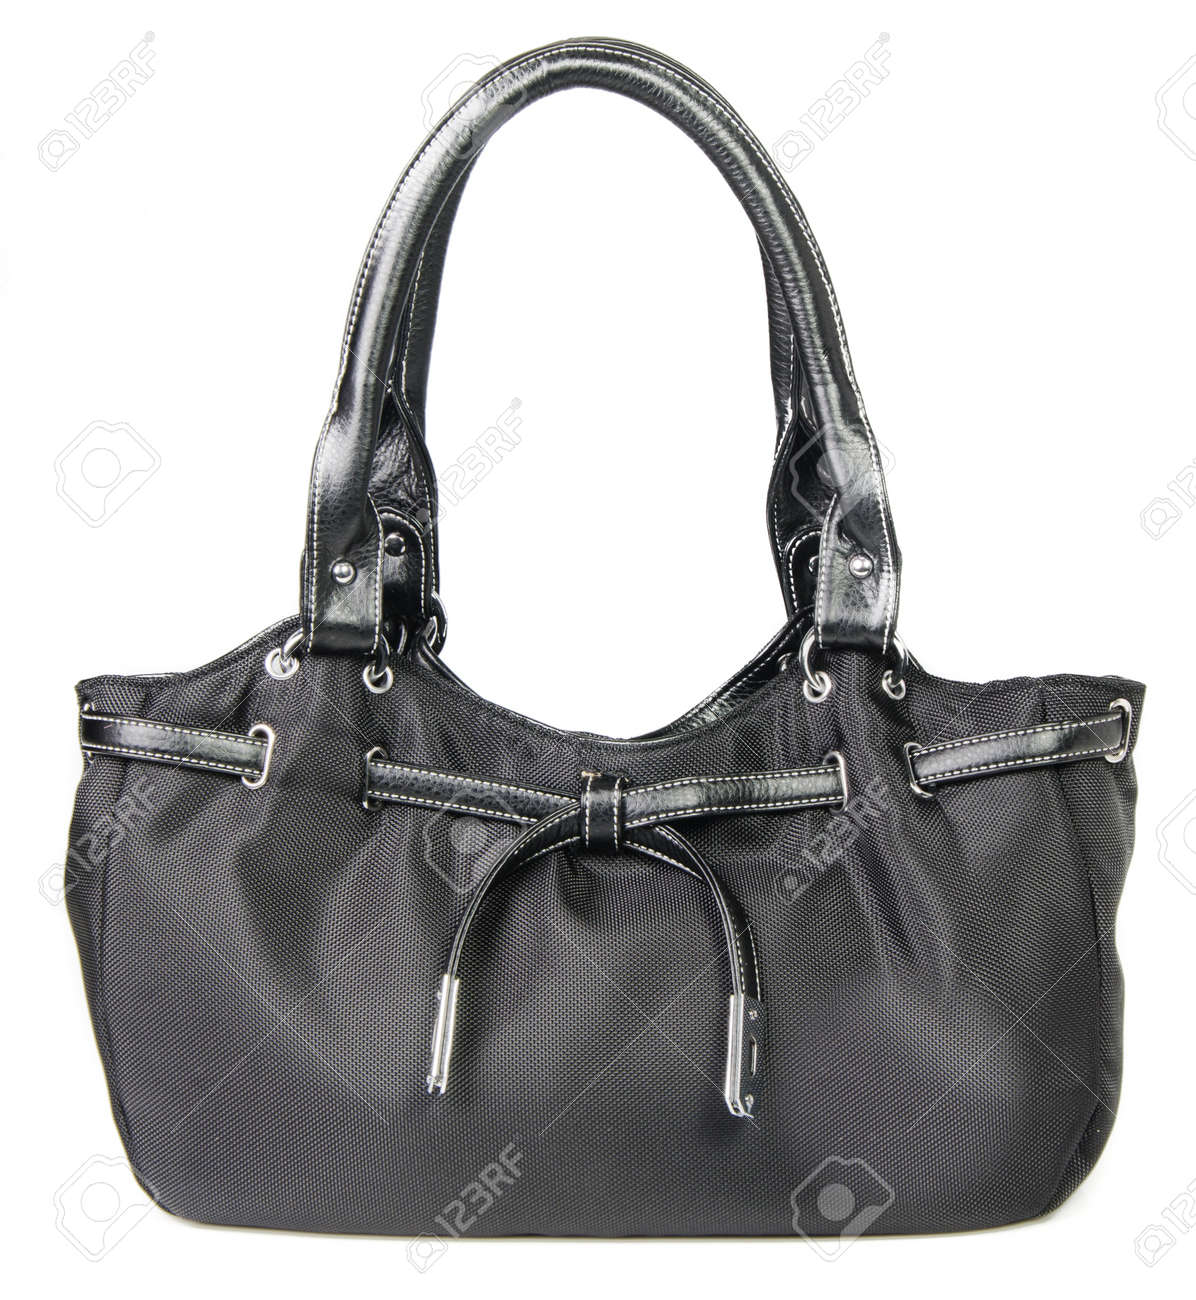 bag isolated on white background Stock Photo - 13081856